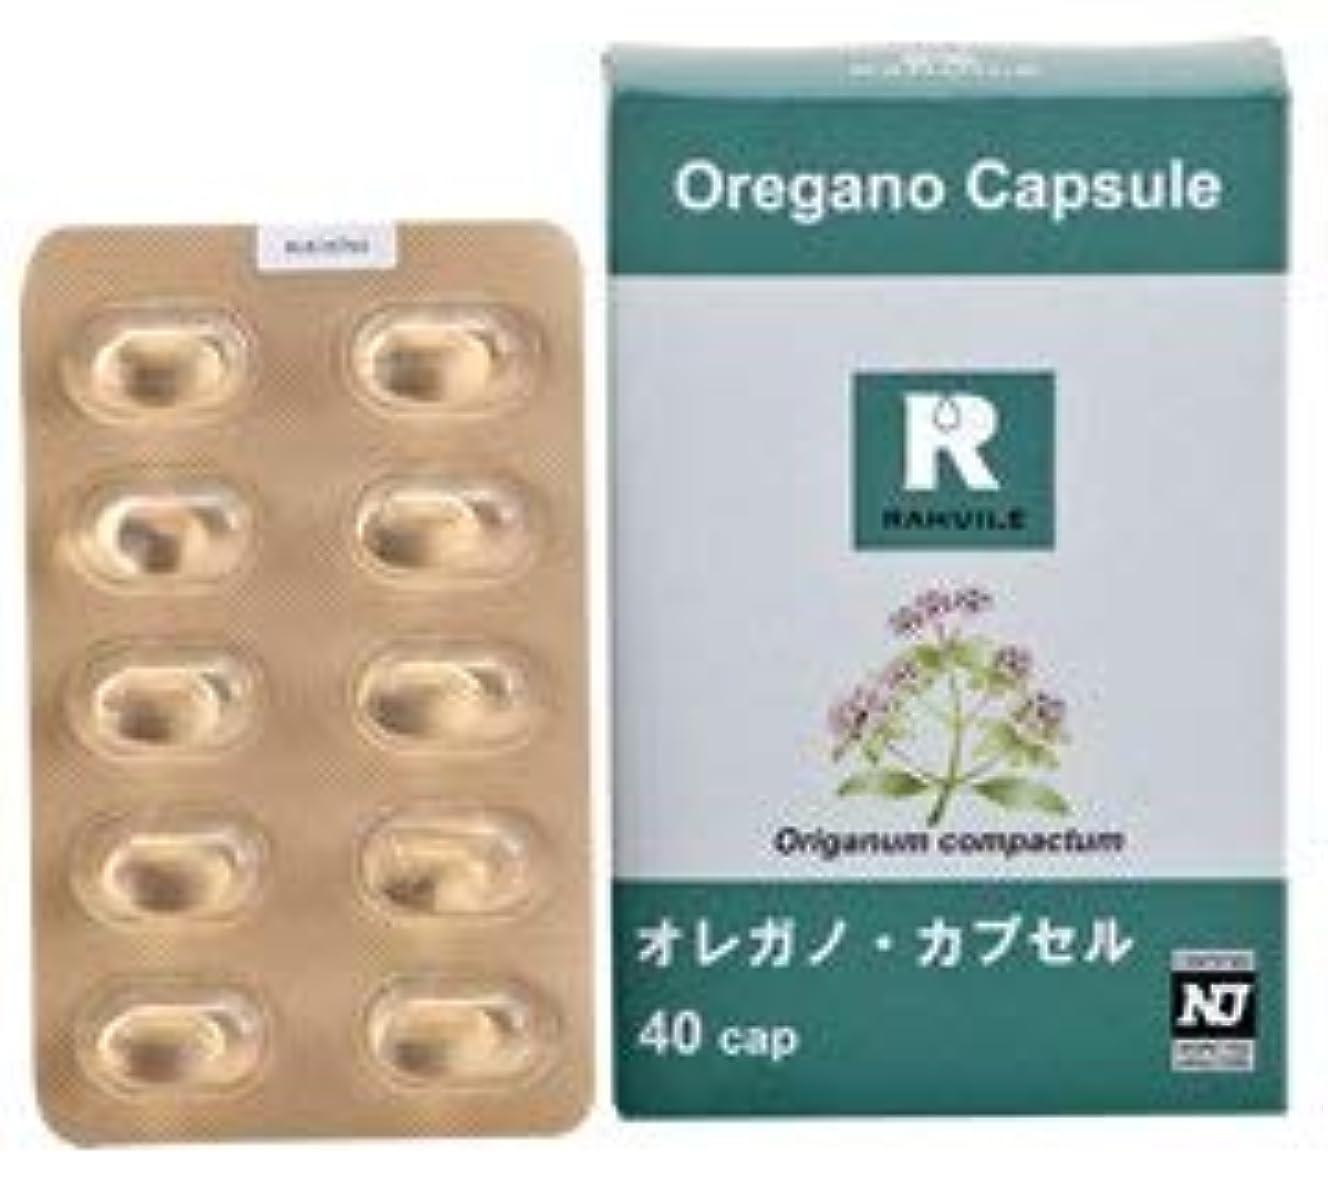 暖かく契約したシンカンラフューレ ( RAHUILE ) カプセルサプリメント オレガノ?アロマカプセル 40粒 cap001